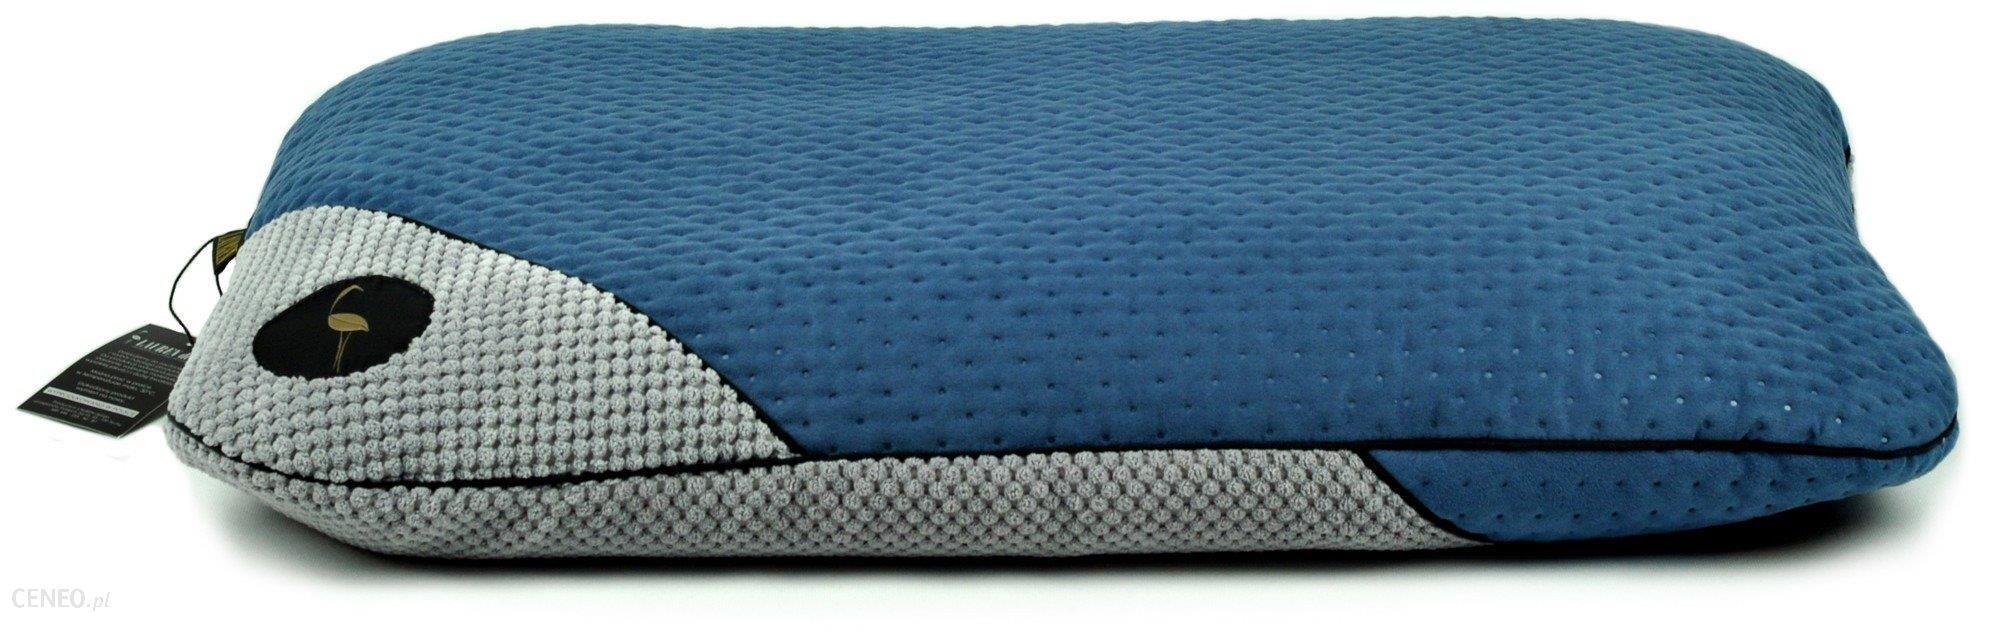 Lauren Design Posłanie pikowane FRIDA 65x85cm Granatowy